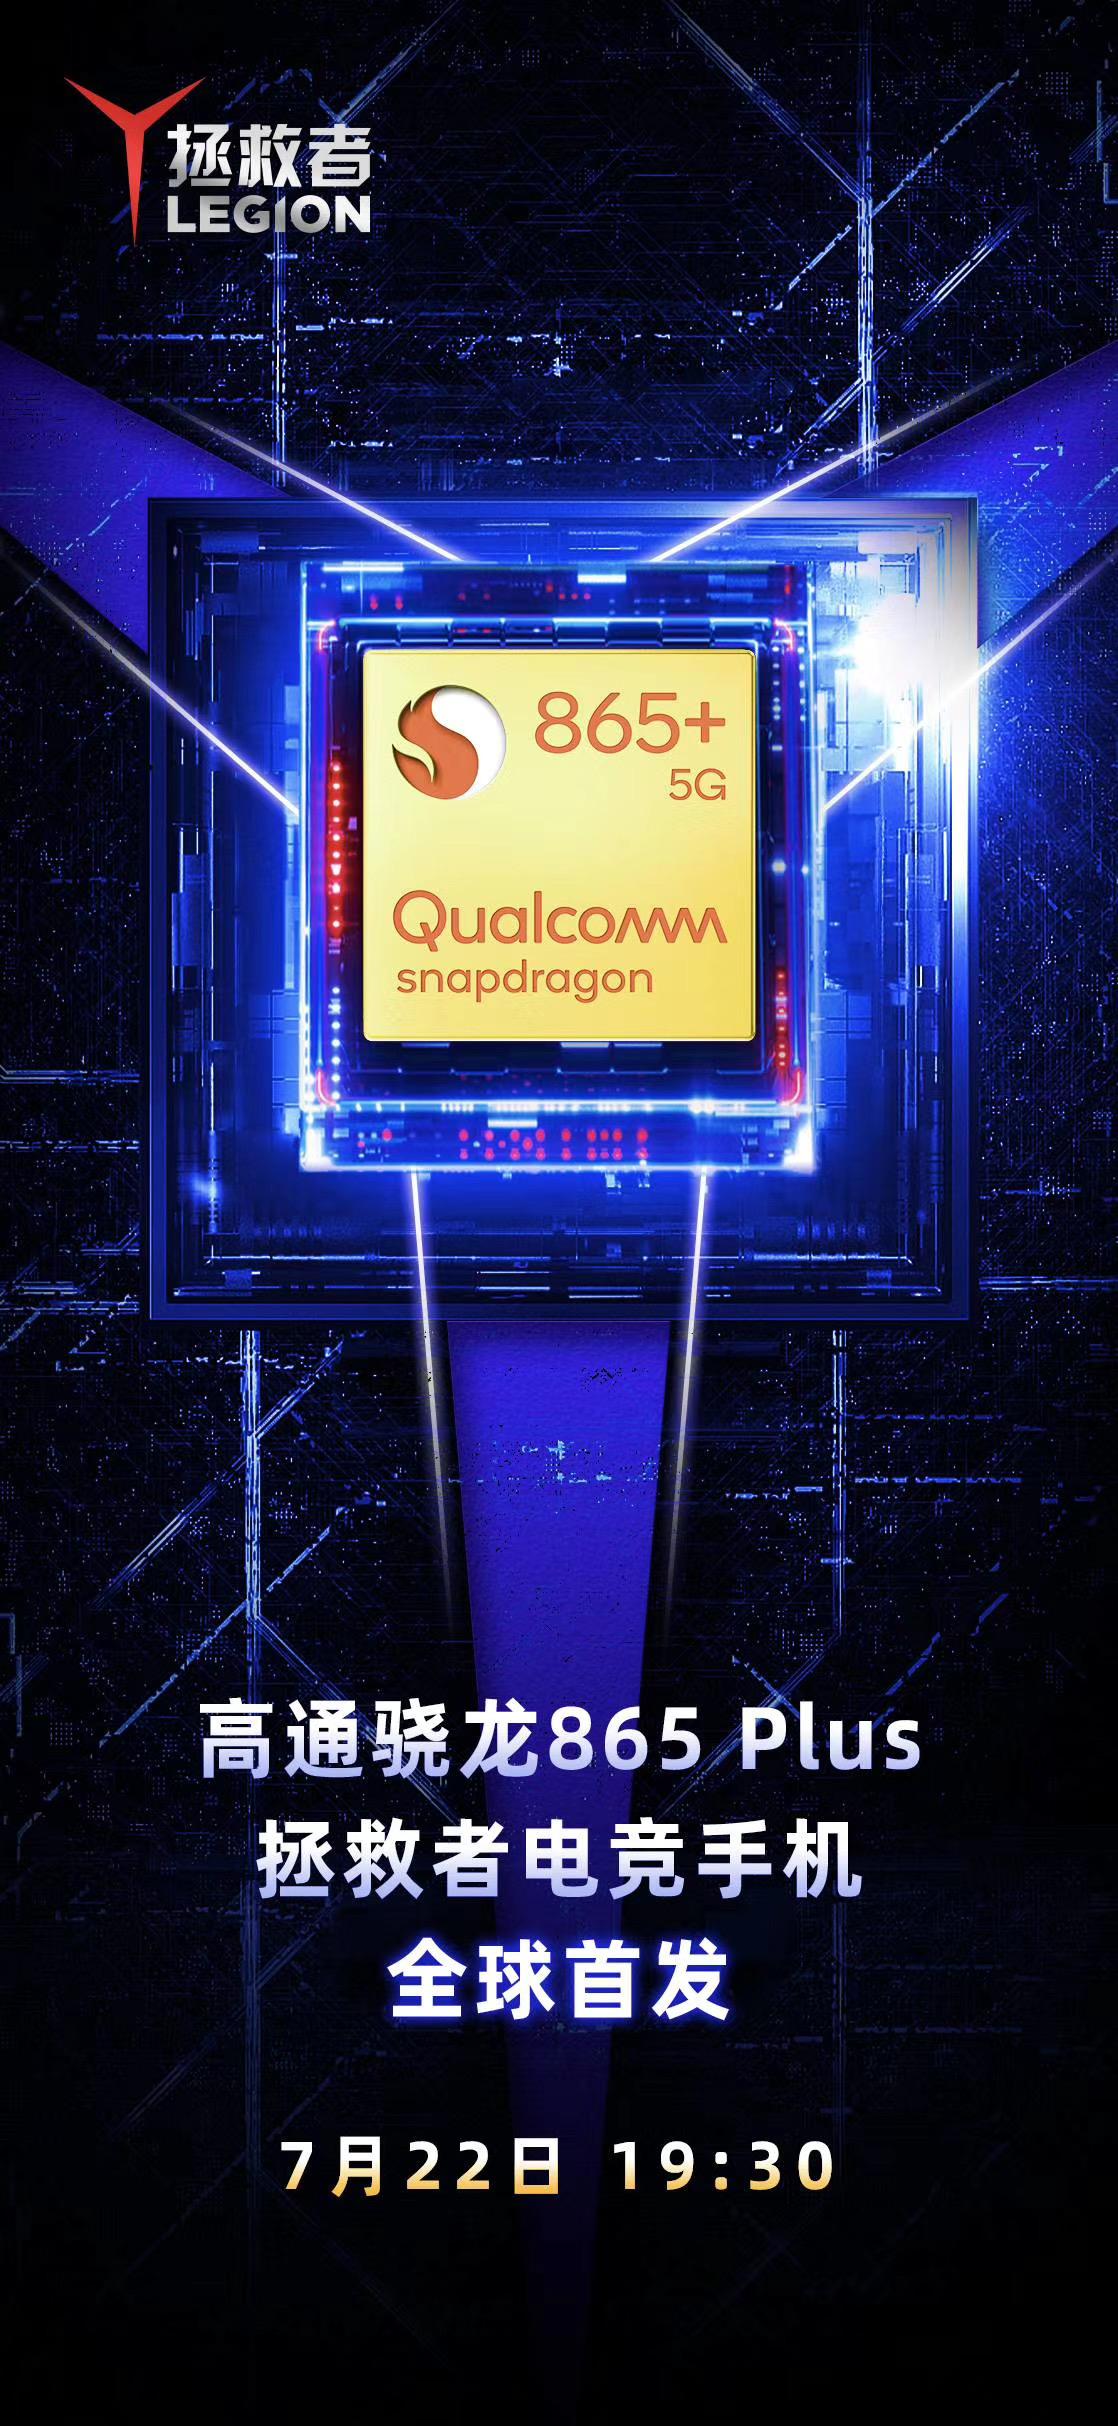 联想:拯救者电竞手机865 Plus全球首发